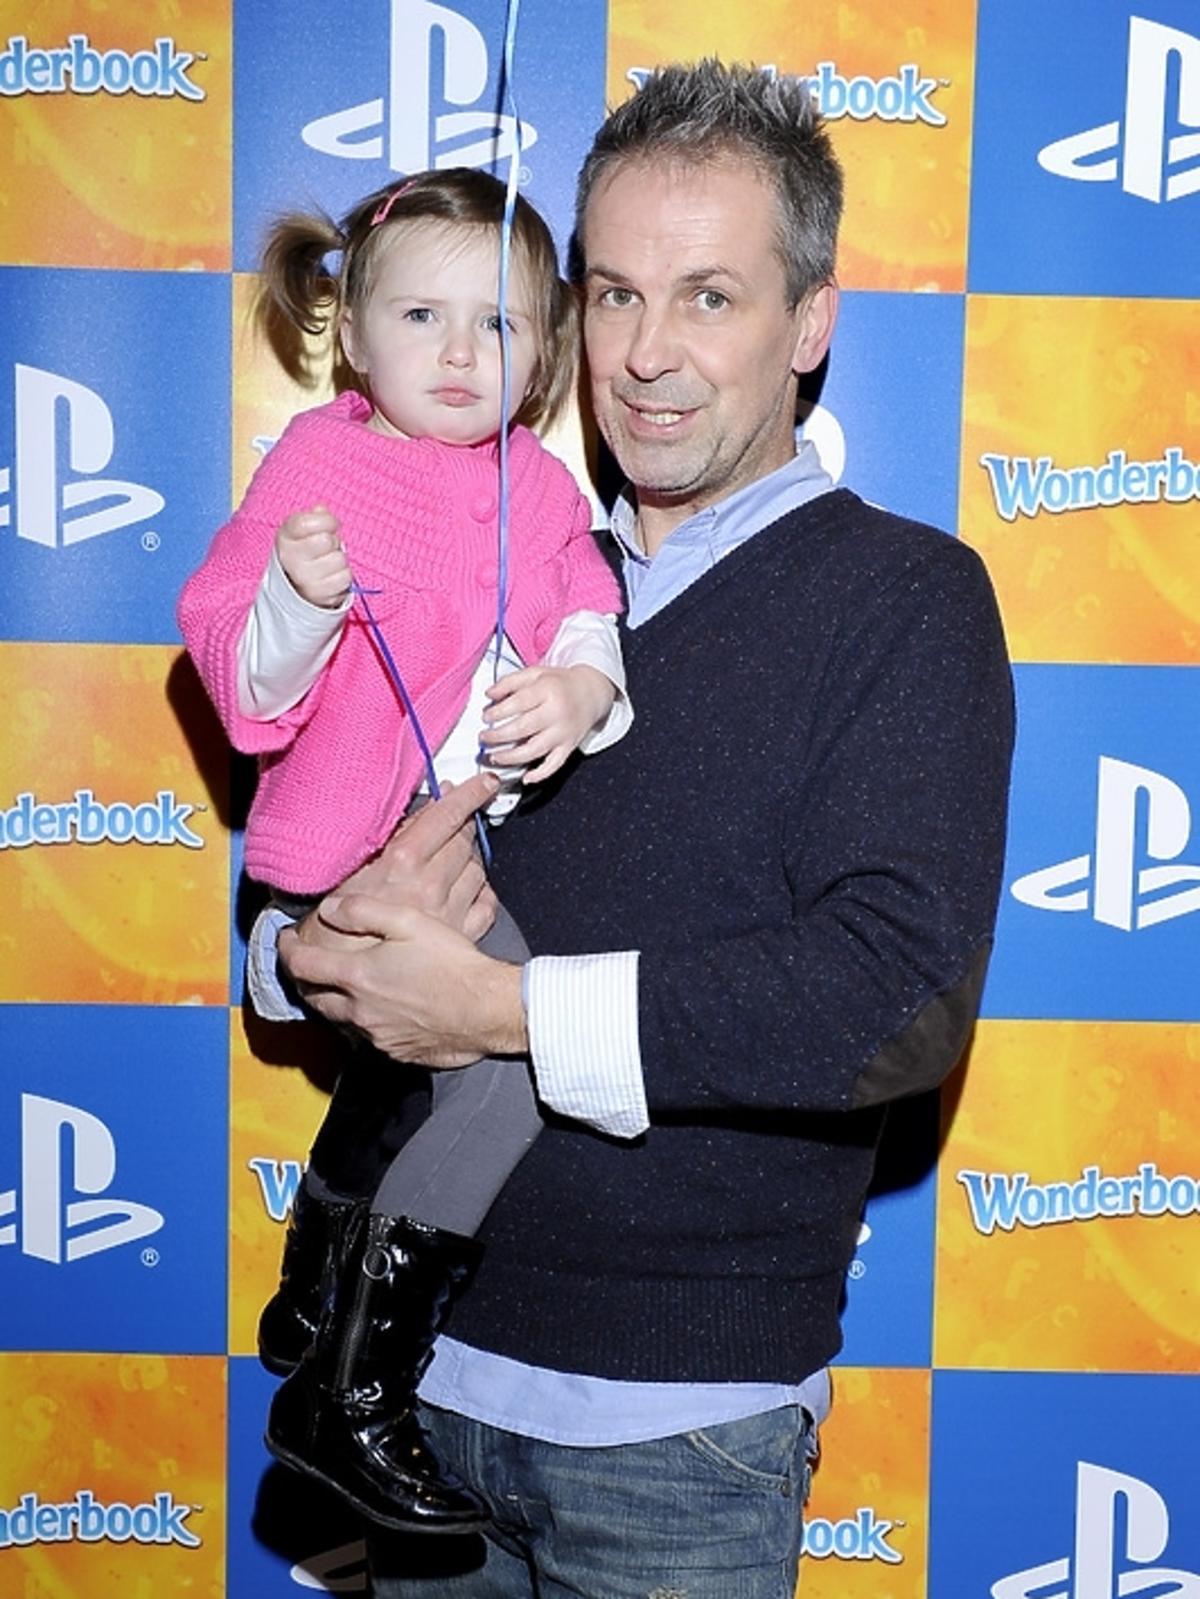 Zbigniew Urbański z córką na premierze PlayStation 3 - Wonderbook: Księga Czarów